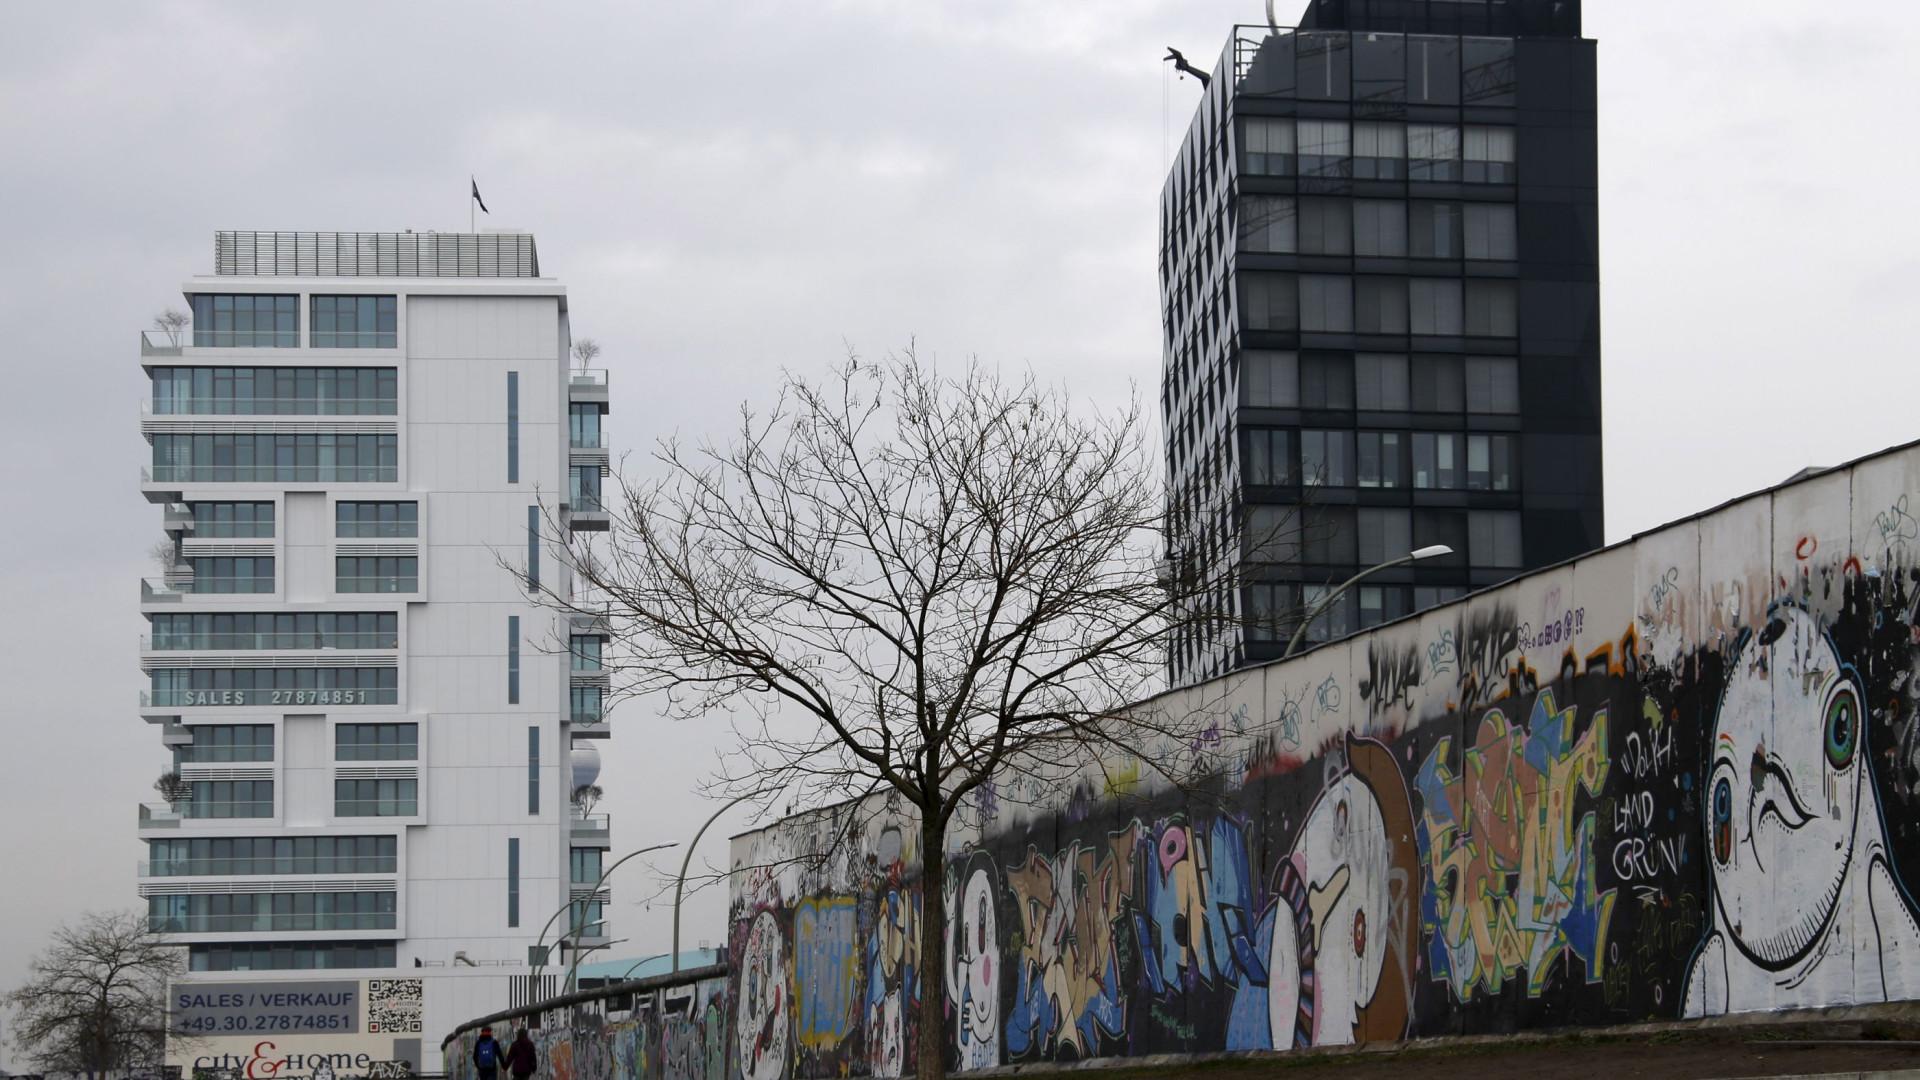 Berlim assinala dia da Unificação da Alemanha com vários protestos